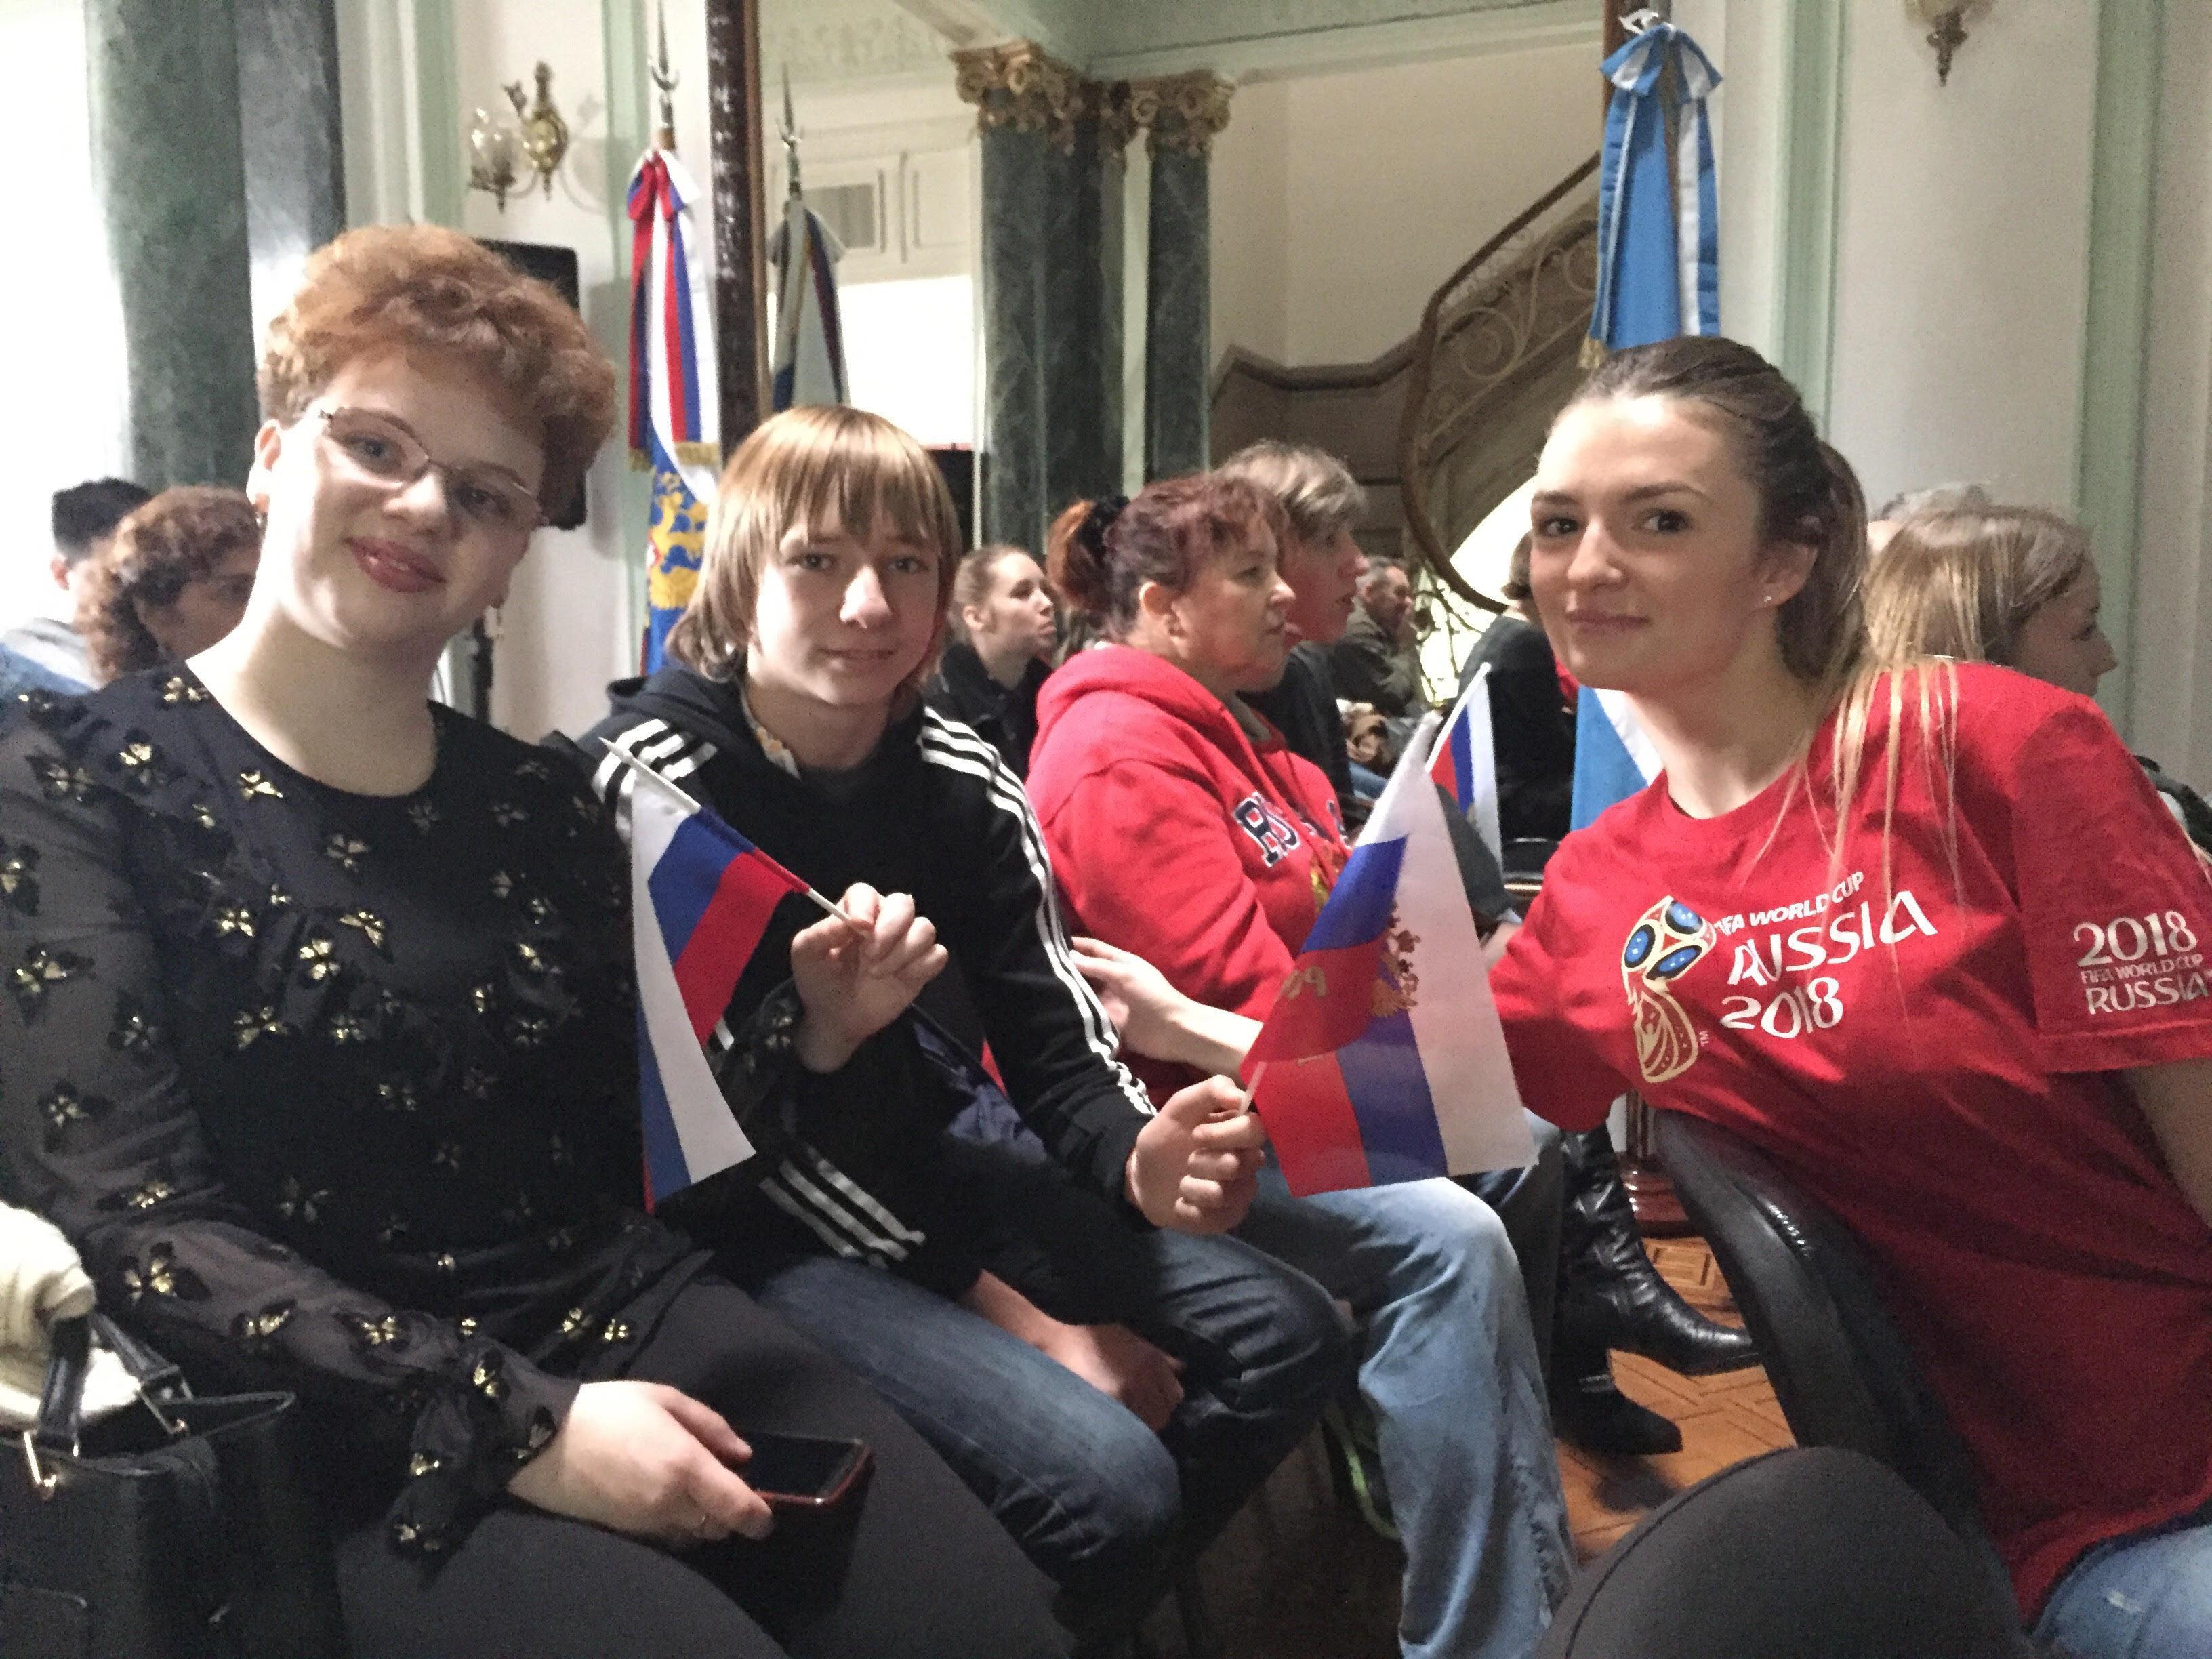 Integrantes de la comunidad rusa en Argentina se reúnen a ver el partido contra España en la Casa de Rusia